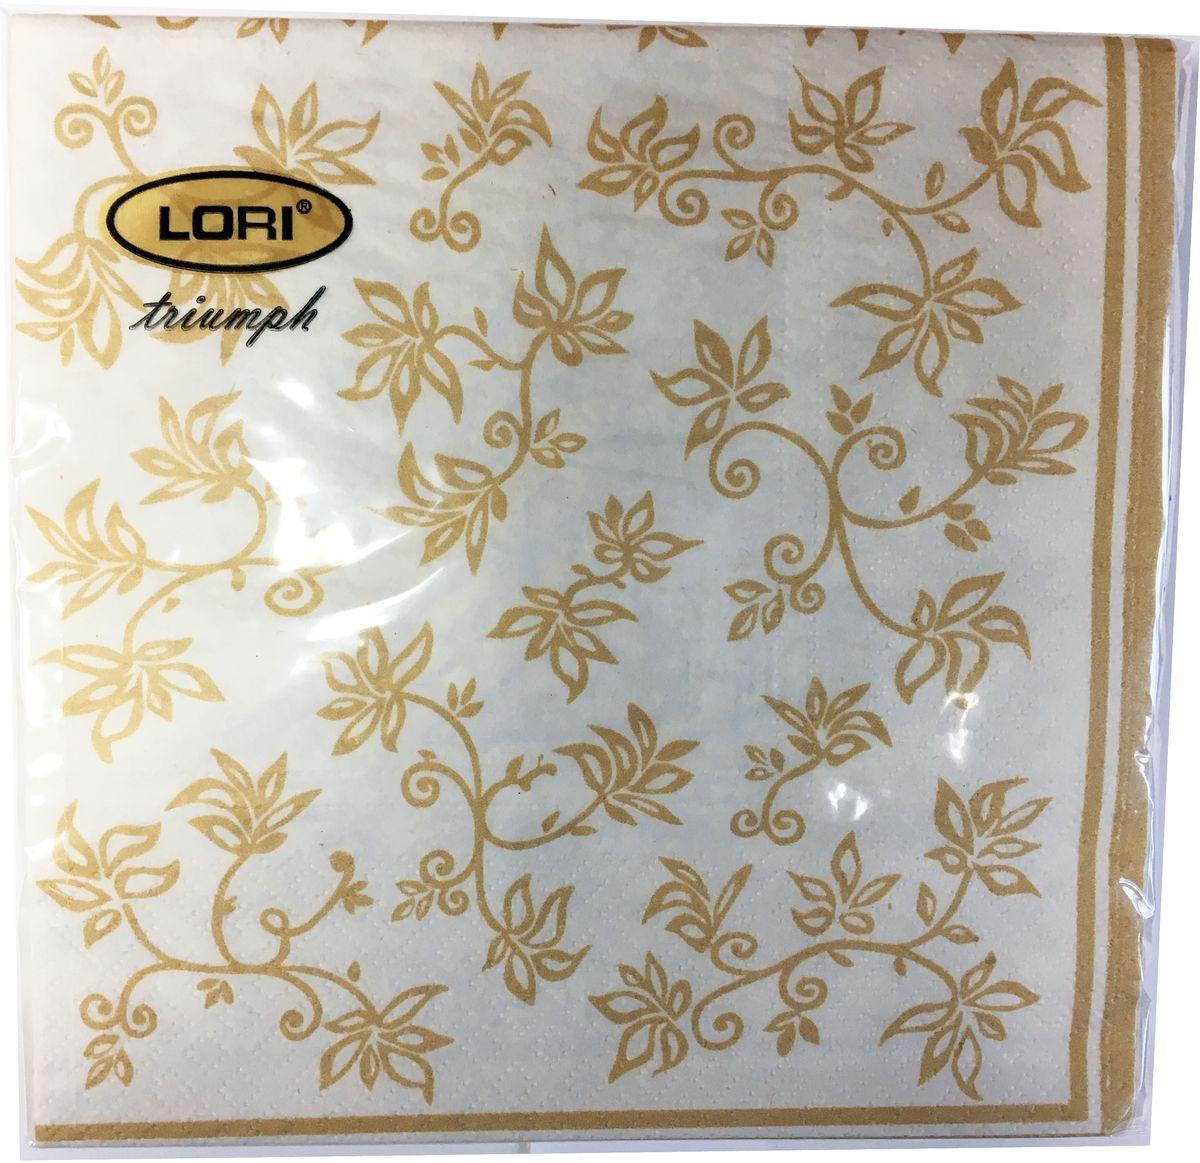 """Салфетки бумажные """"Lori Triumph"""", трехслойные, цвет: коричневый, белый, 33 х 33 см, 20 шт. 56082"""